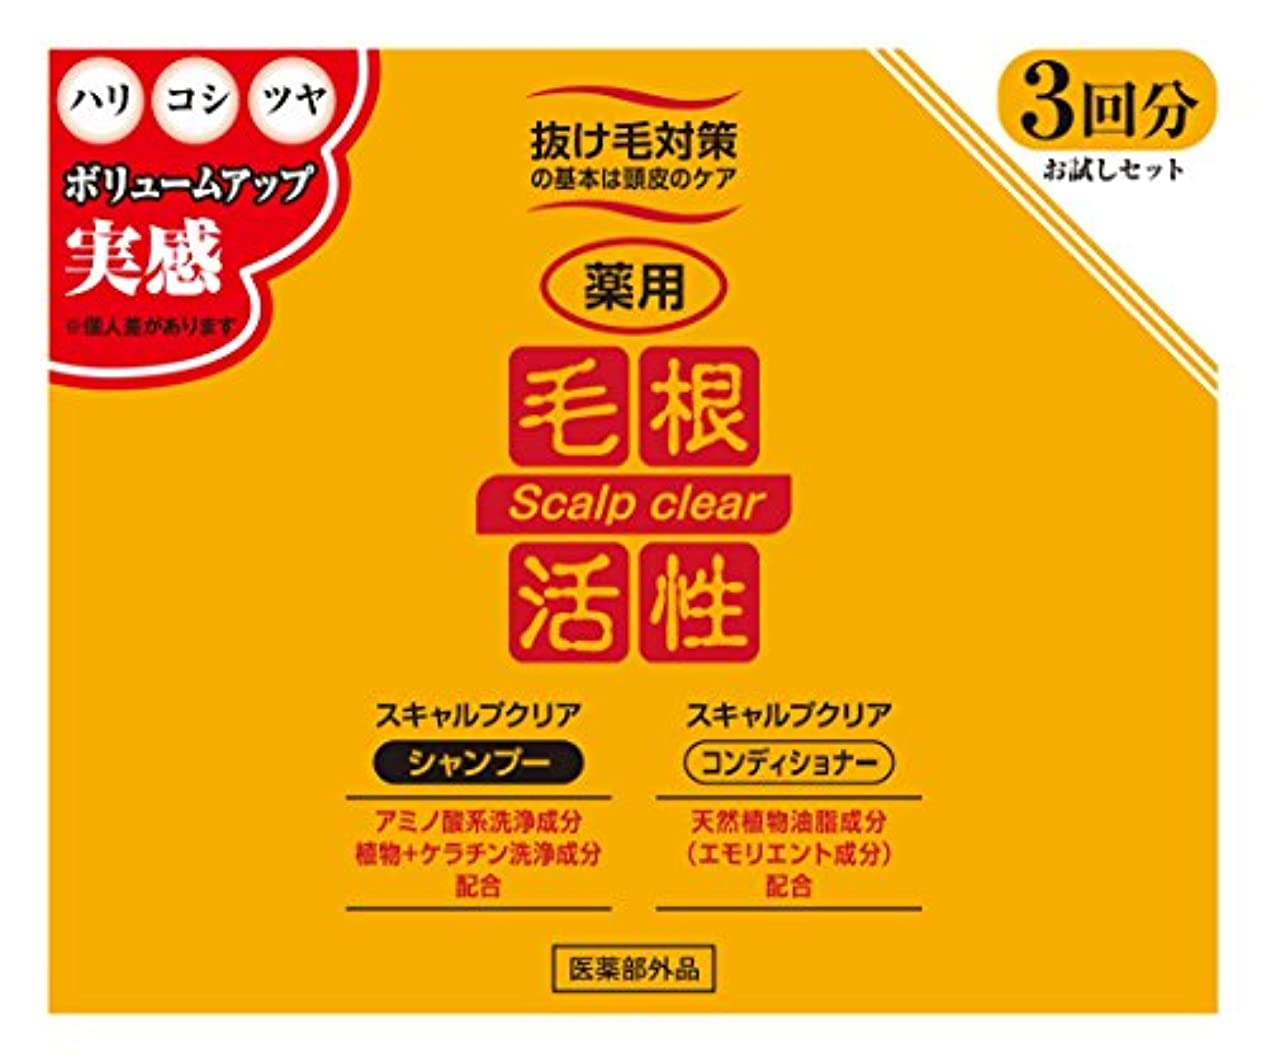 奇跡劣るミンチ薬用 毛根活性 シャンプー&コンディショナー 3日間お試しセット (シャンプー10ml×3個 + コンディショナー10ml×3個)